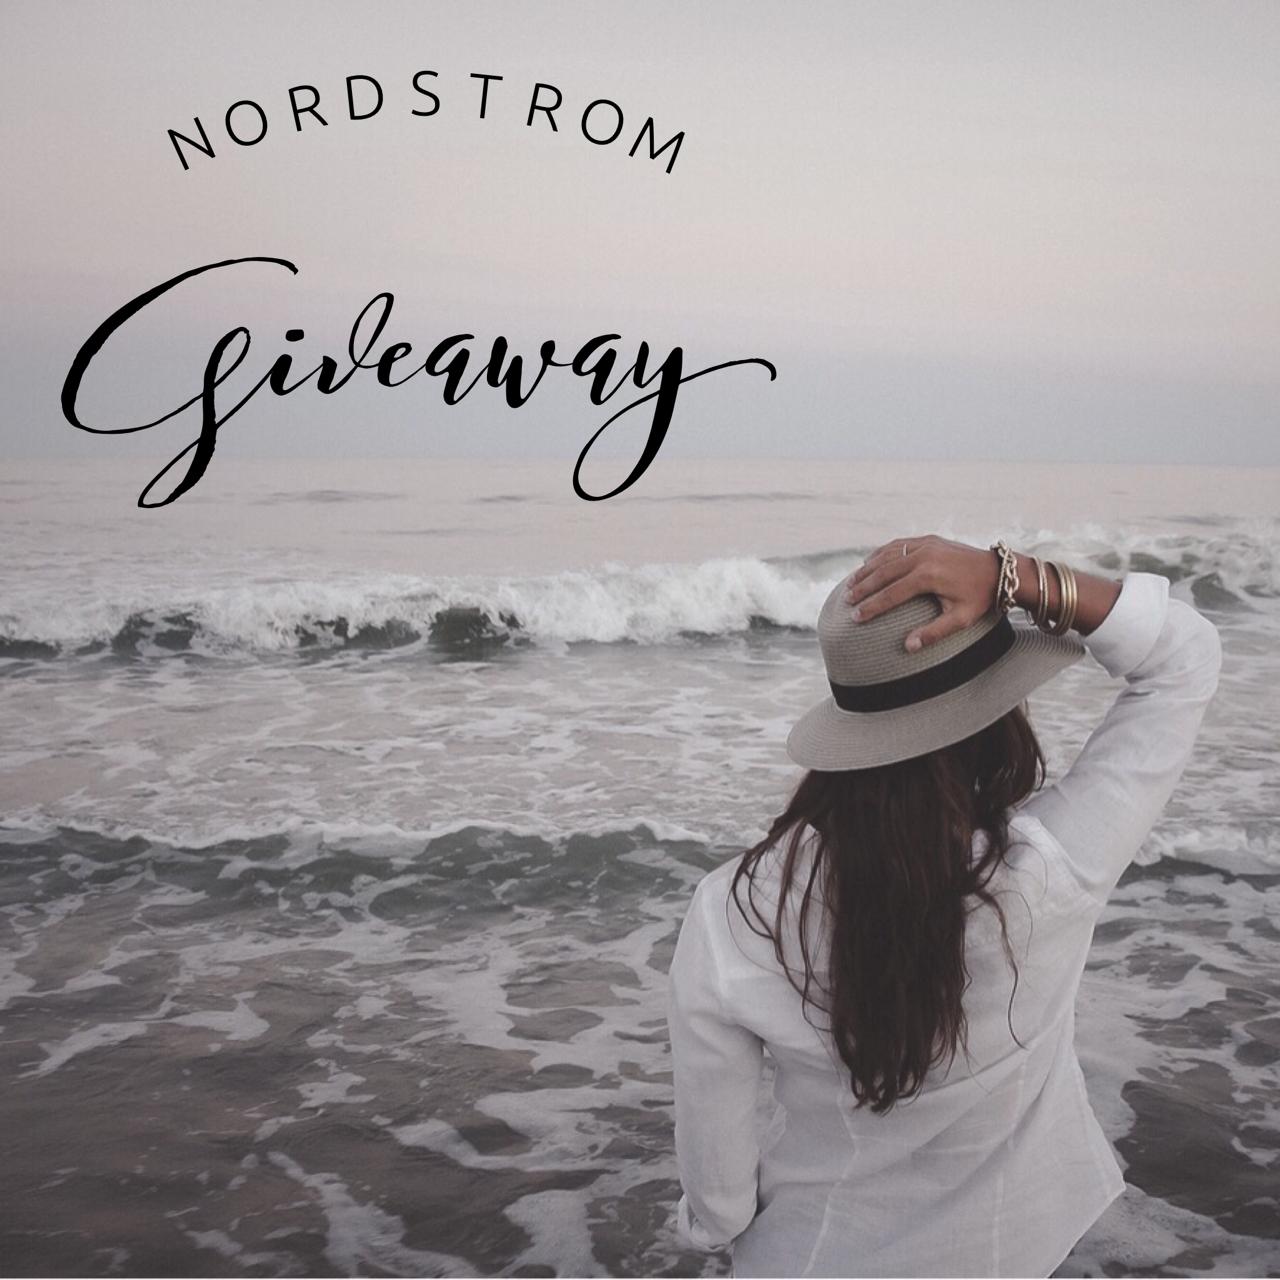 Nordstrom Giveaway September